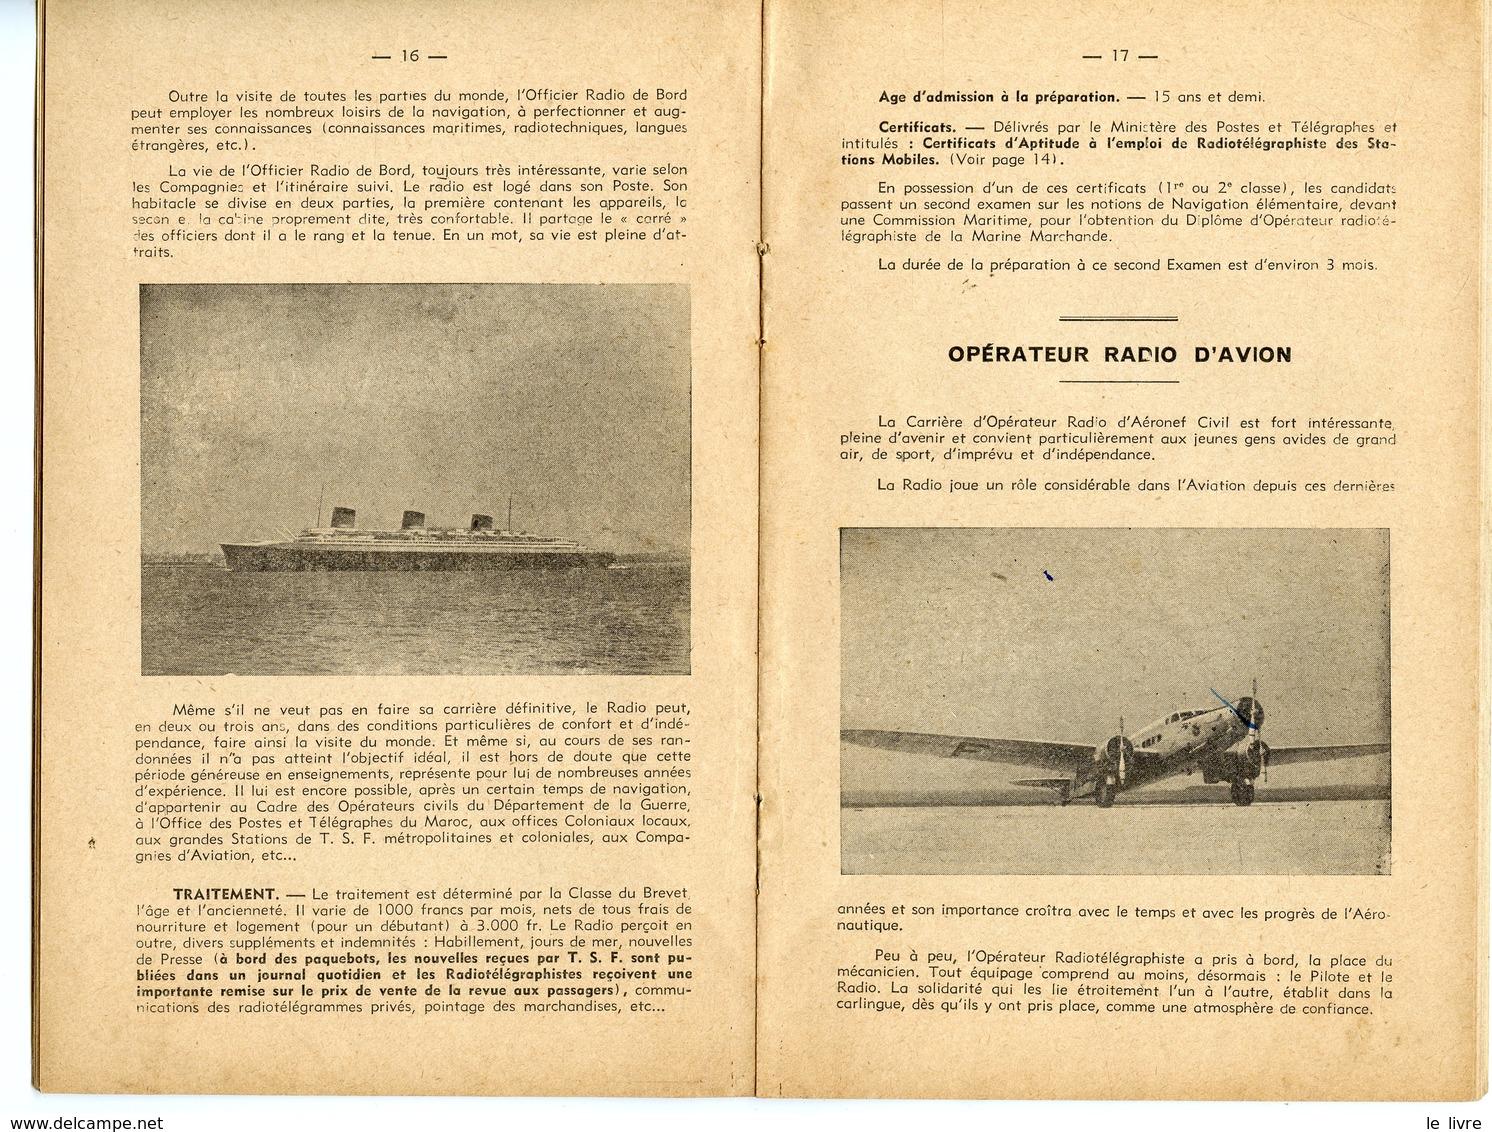 BROCHURE VERS 1940. LES SITUATIONS DE LA T.S.F. LE SERVICE MILITAIRE DANS LA RADIO - Documents